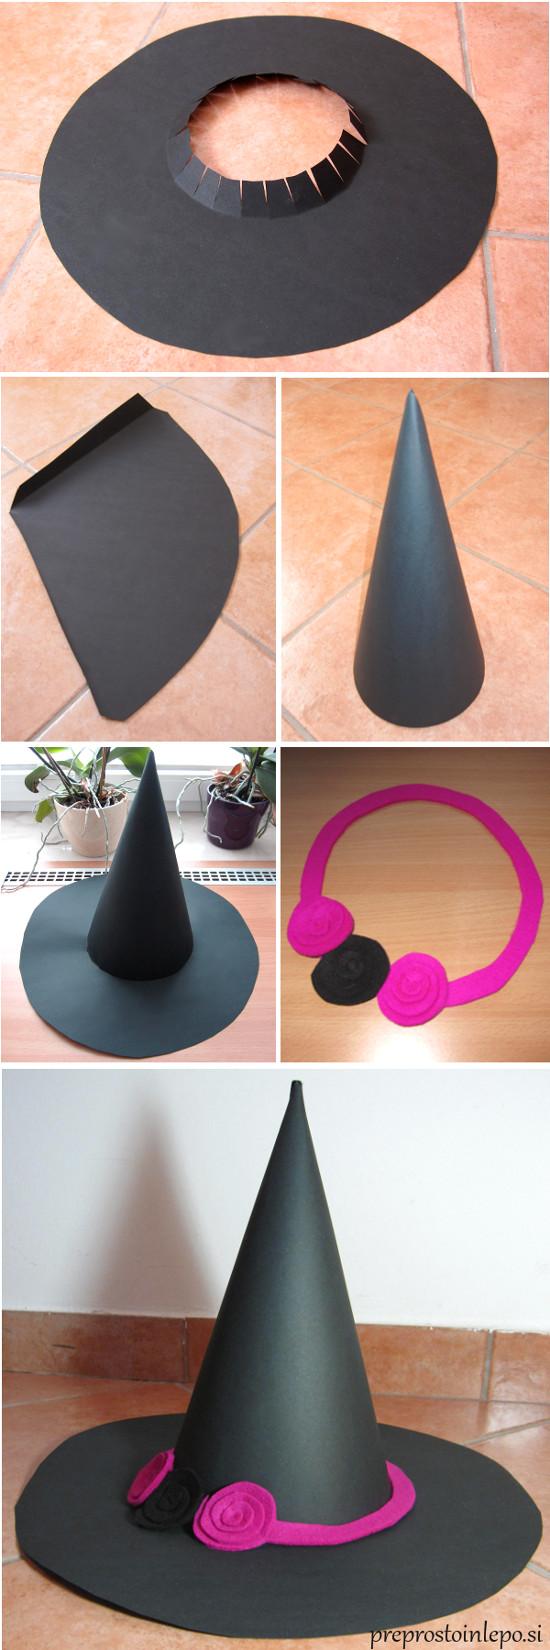 čarovniški klobuk